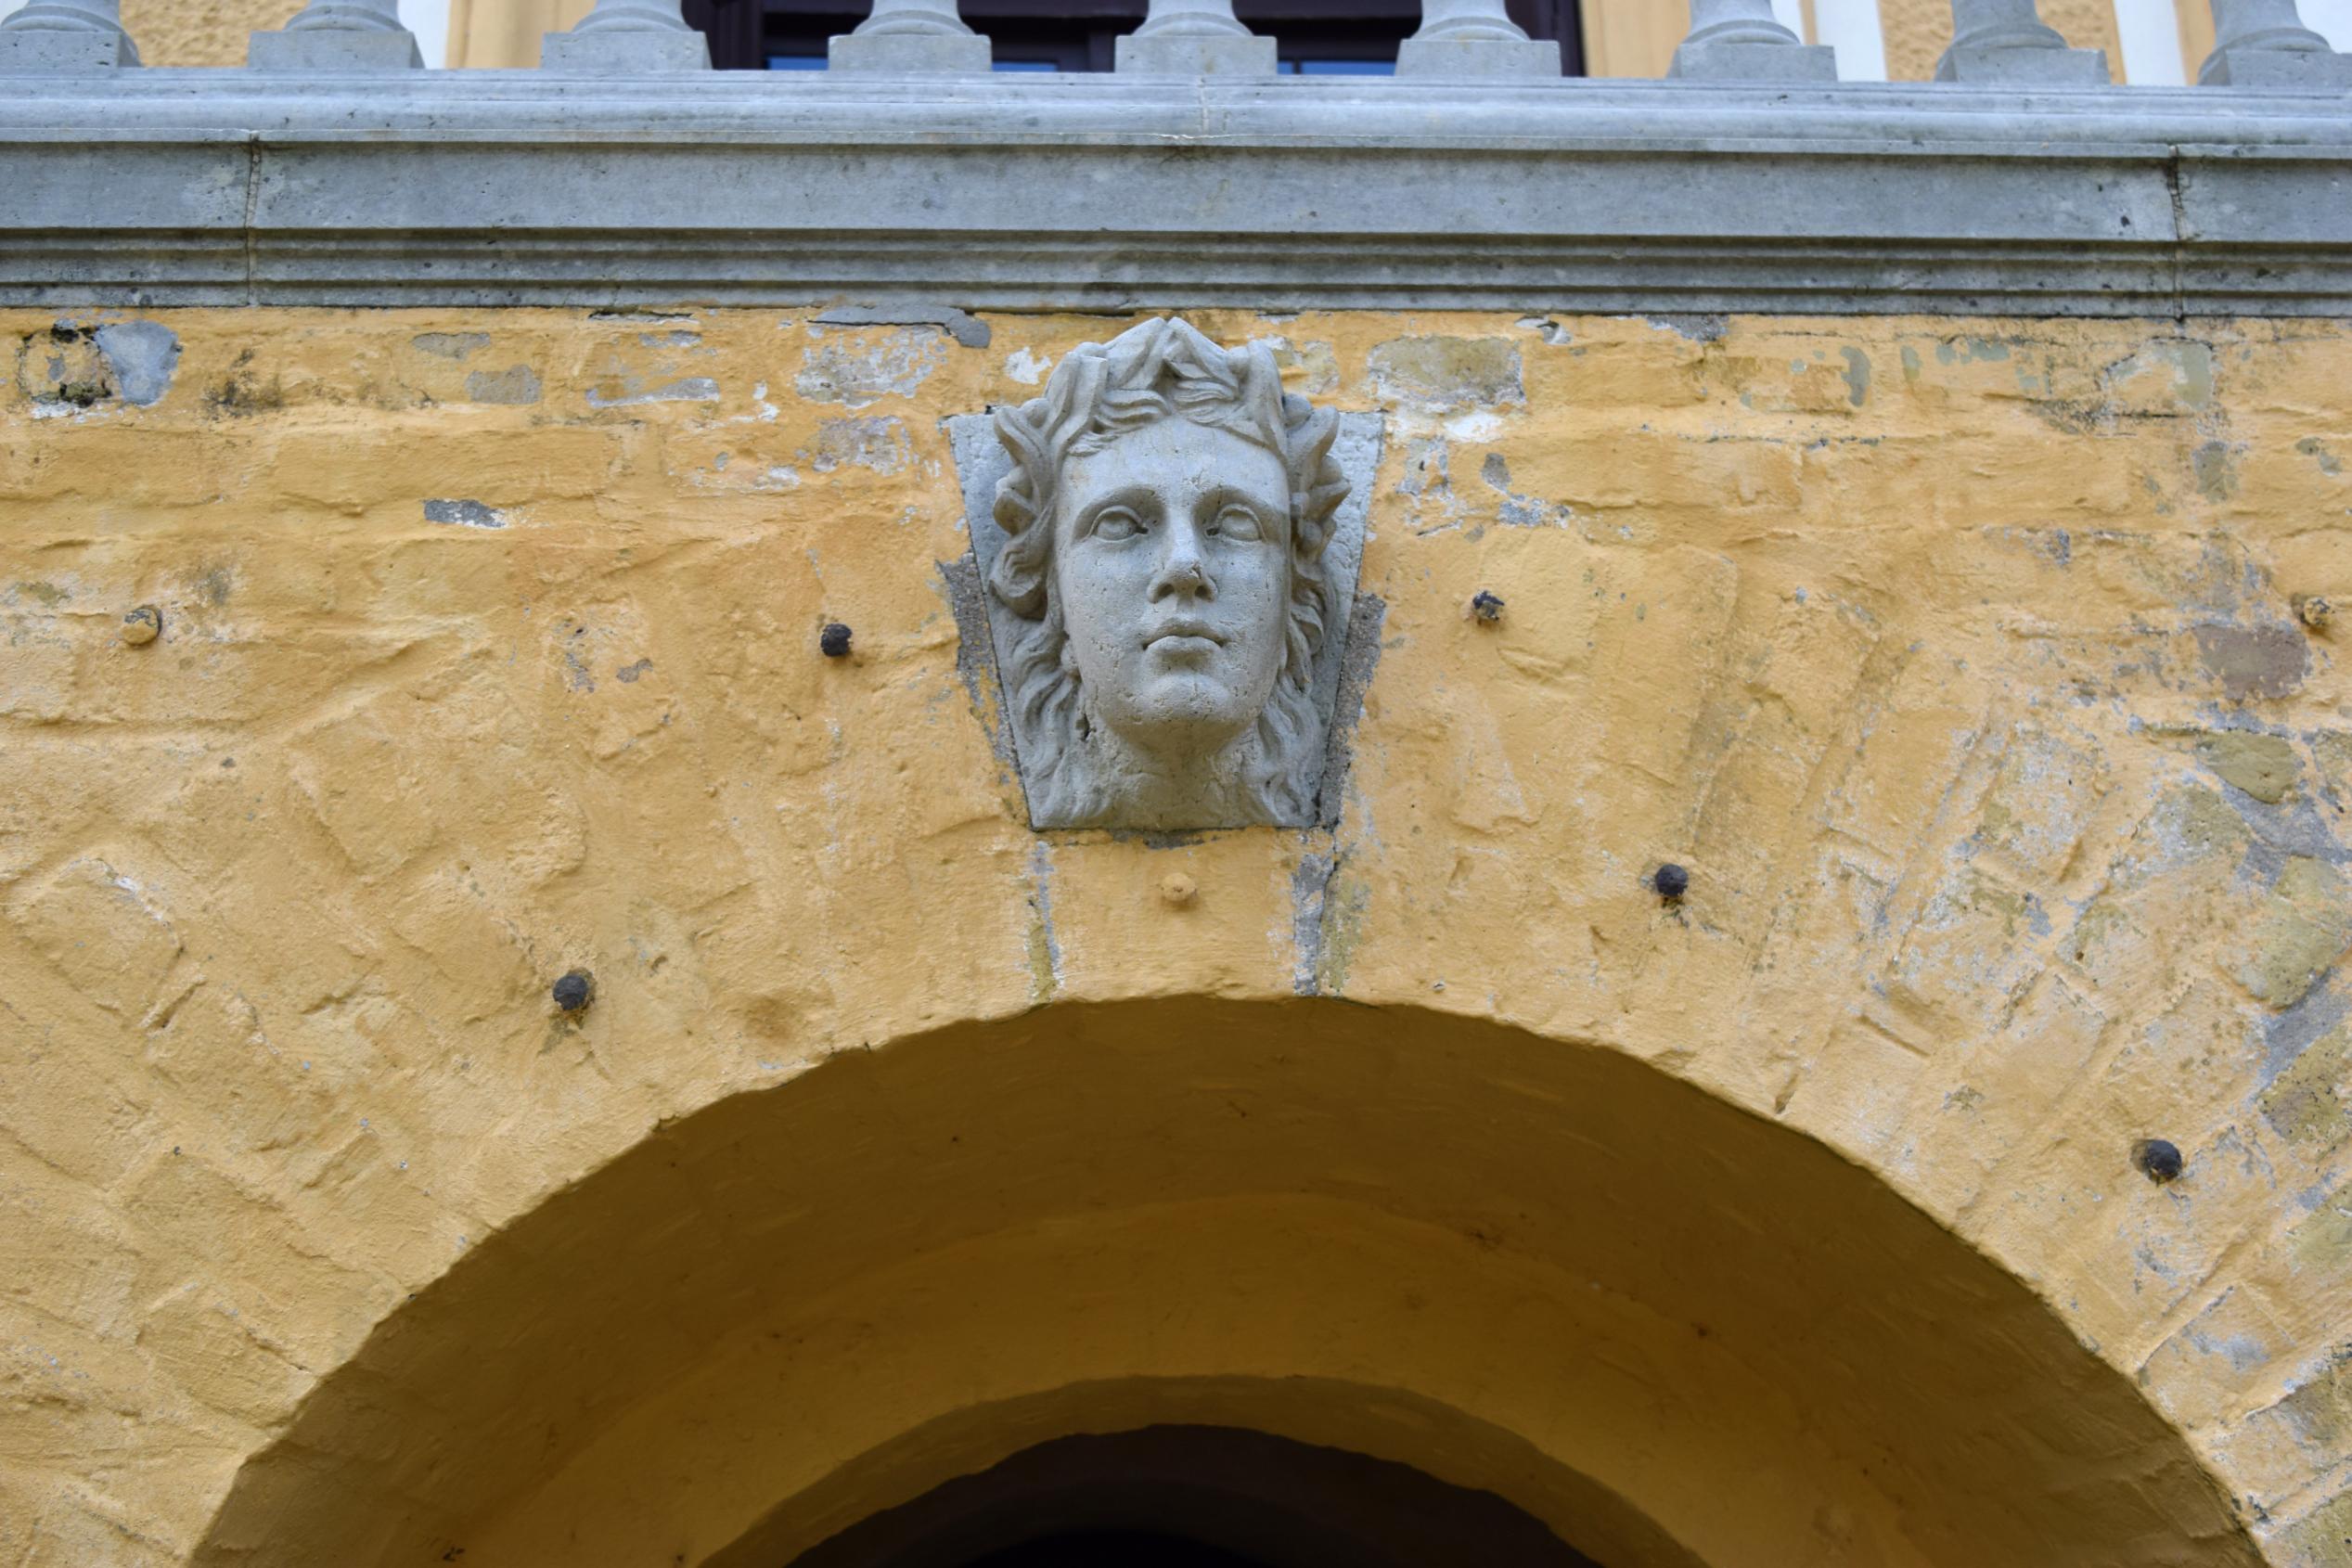 File Schloss Caputh Freitreppe Garten Kopf Skulptur Jpg Wikimedia Commons